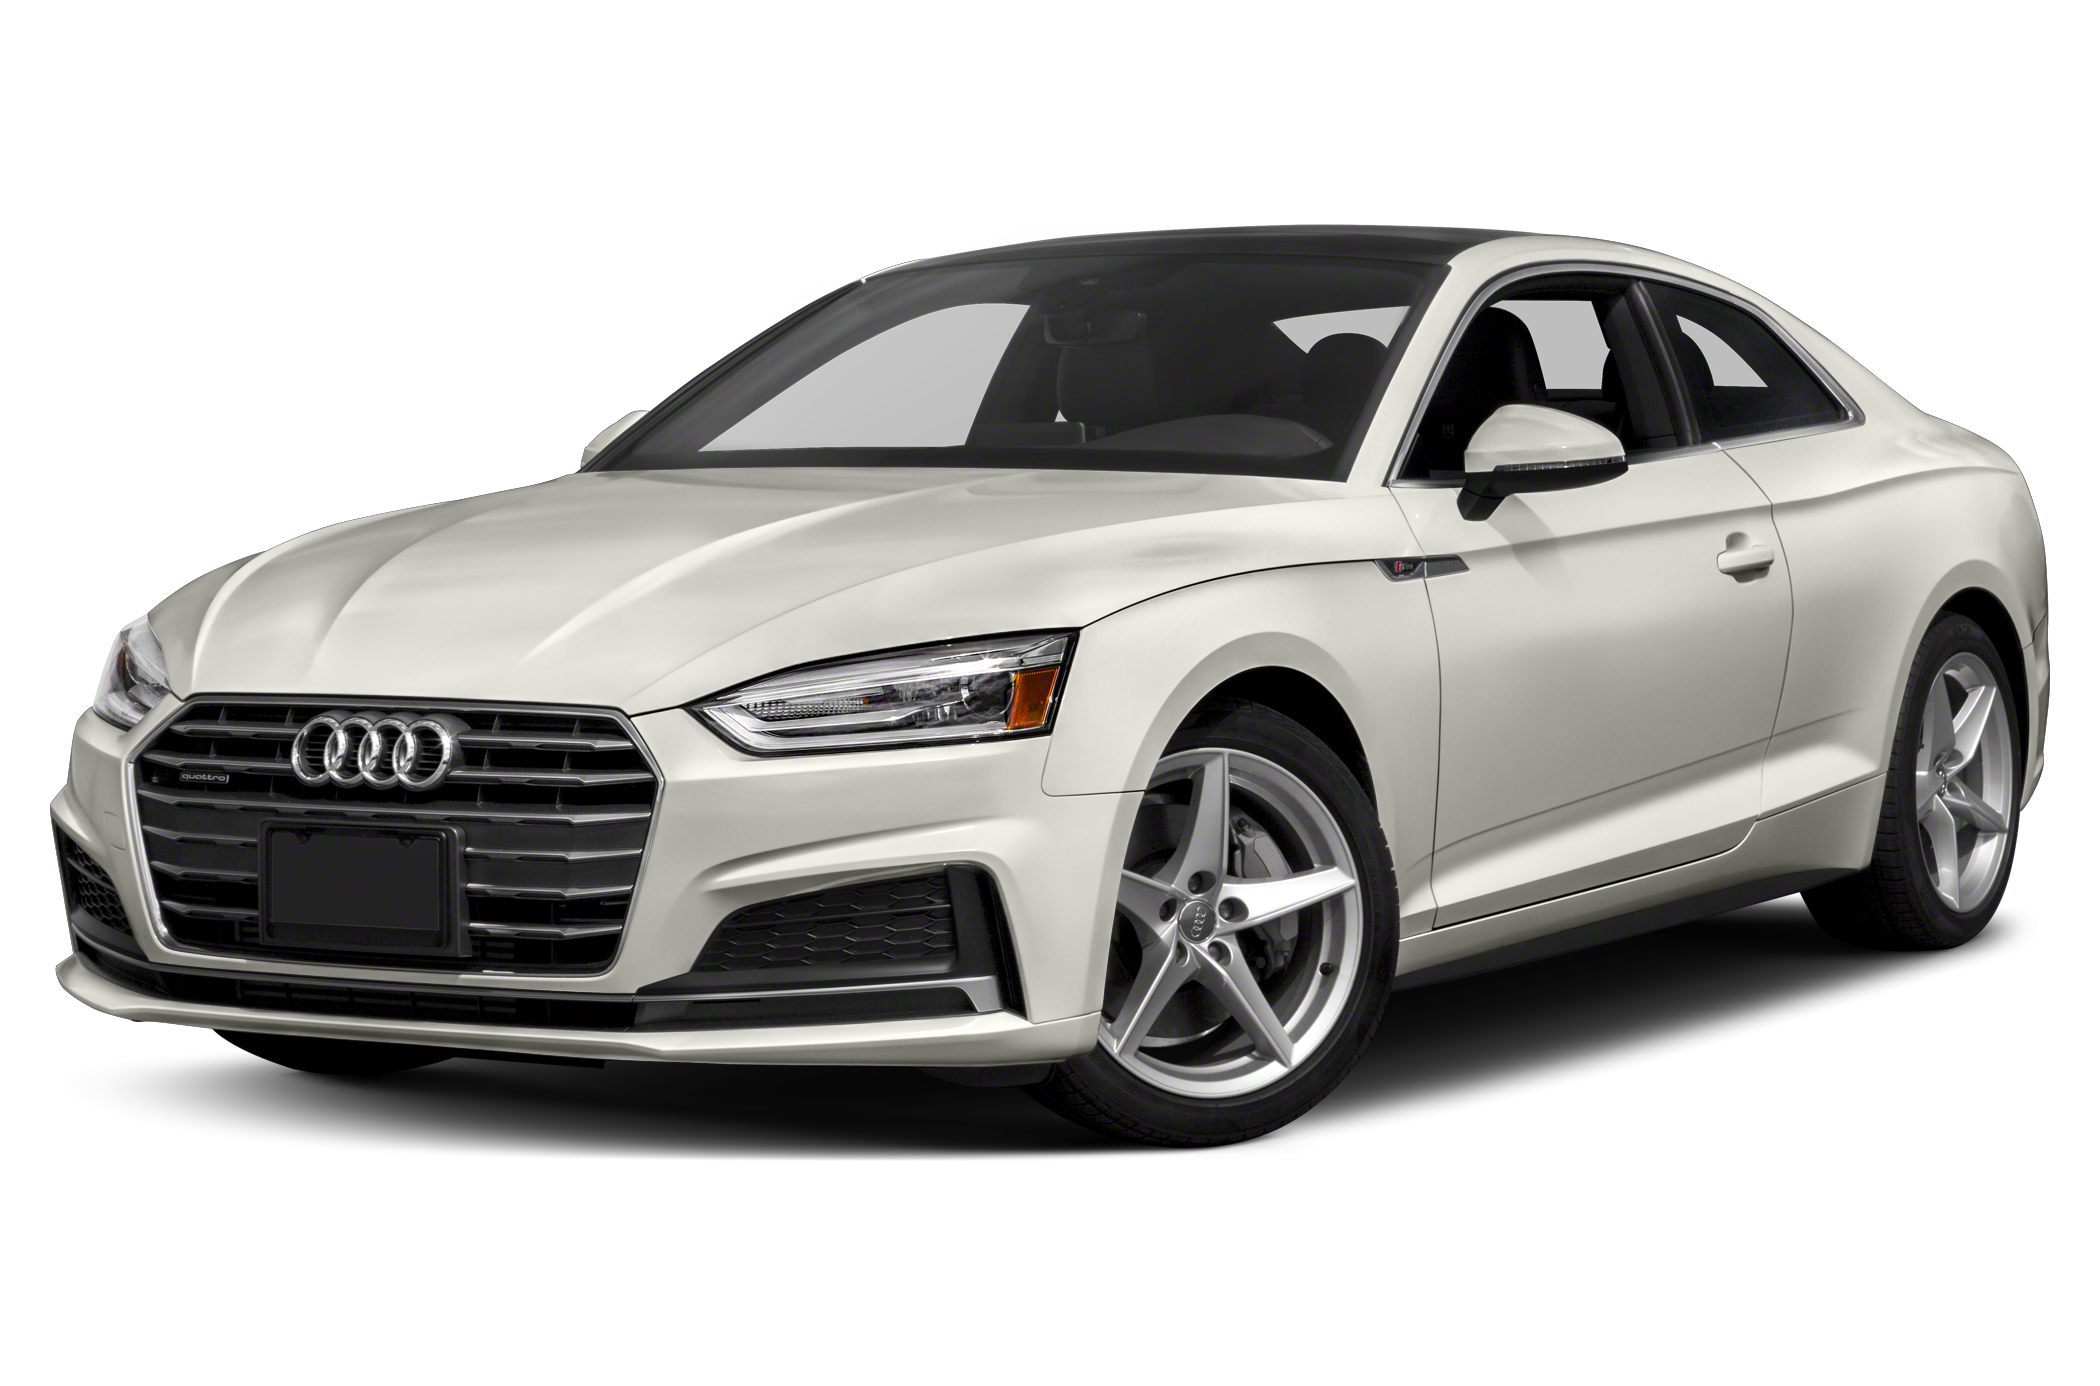 Bảo hiểm VCX ô tô cho xe ô tô Audi A5